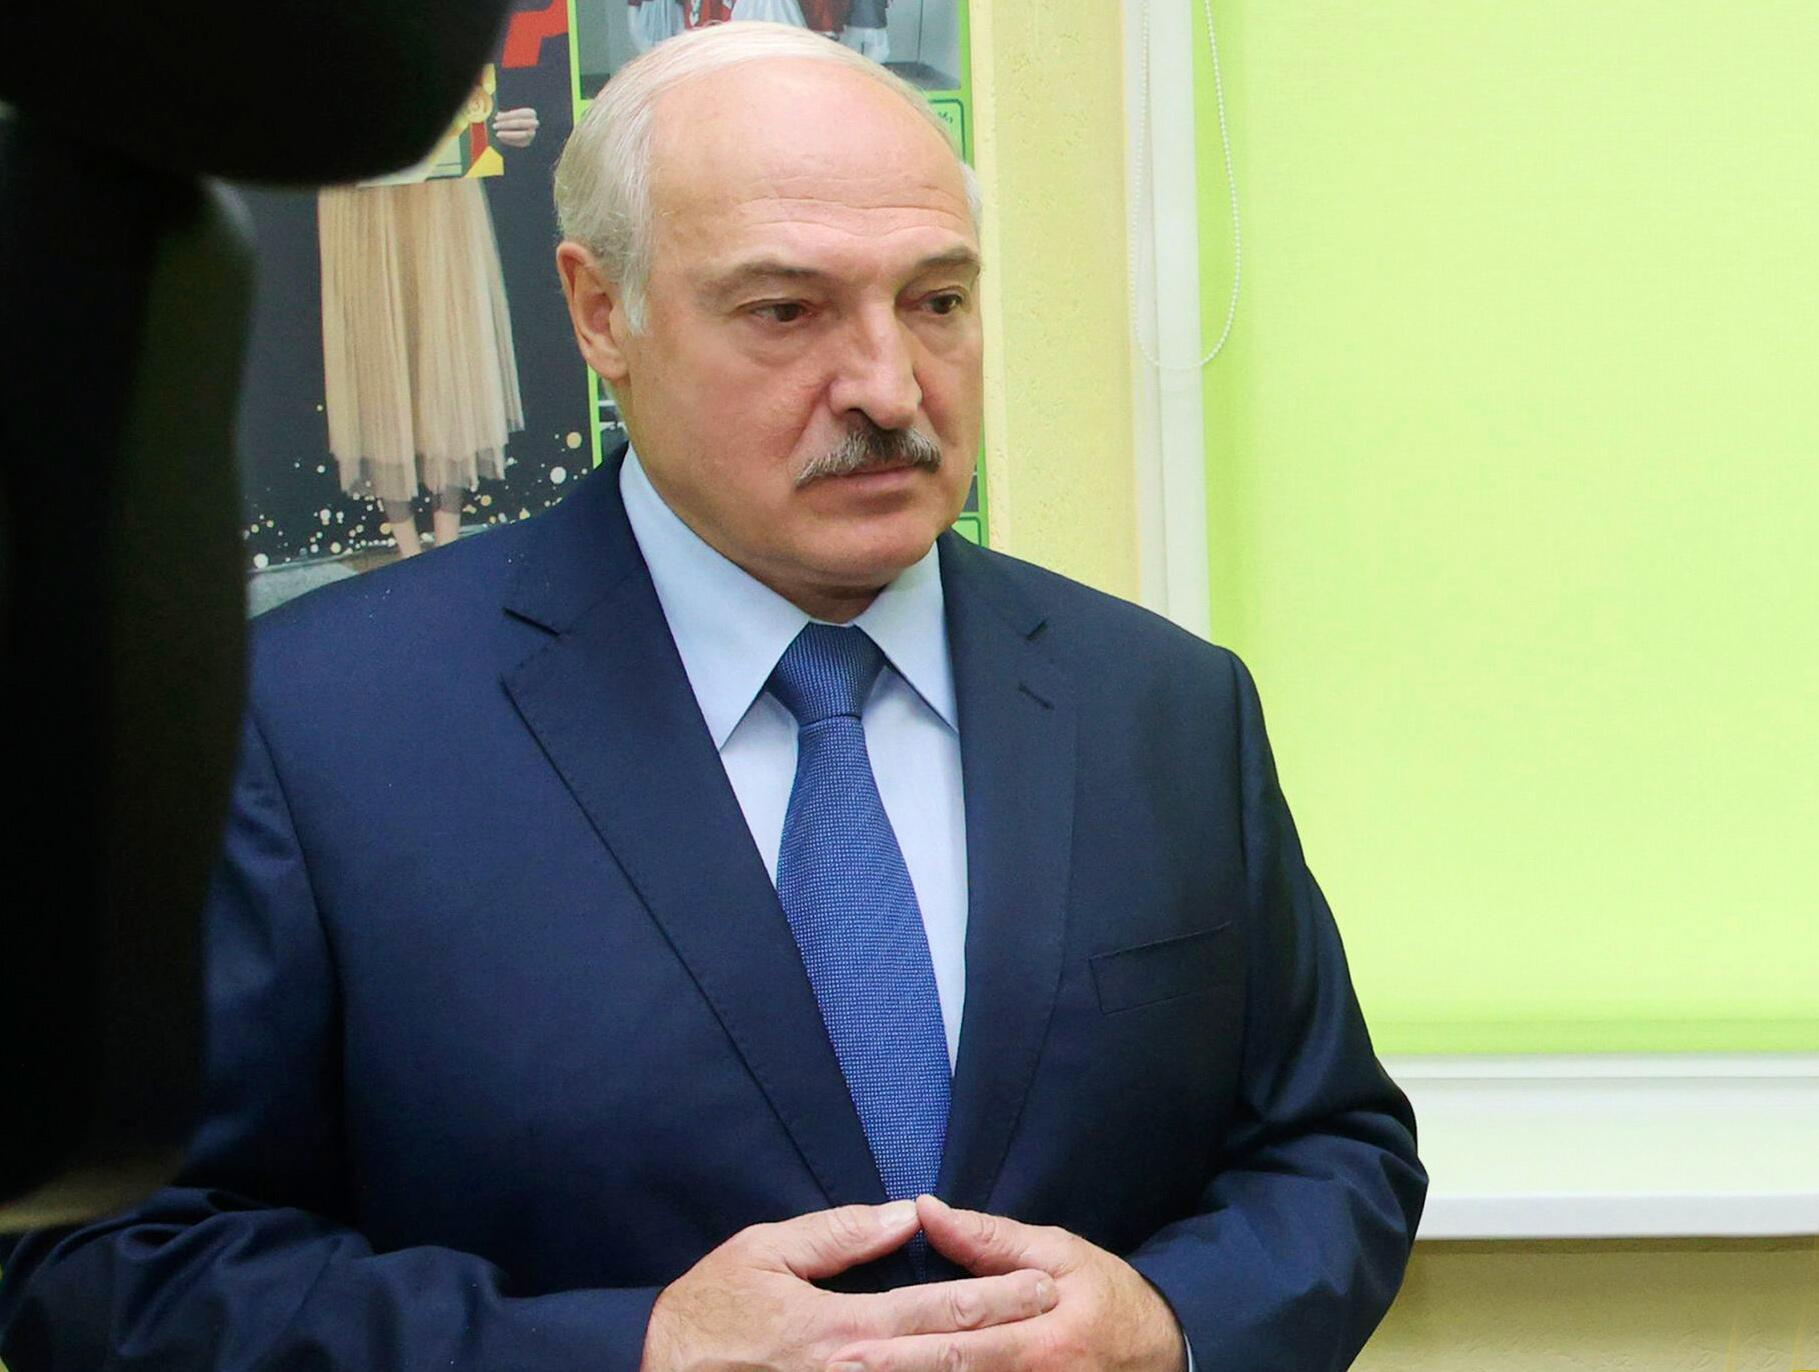 Lukaschenko News